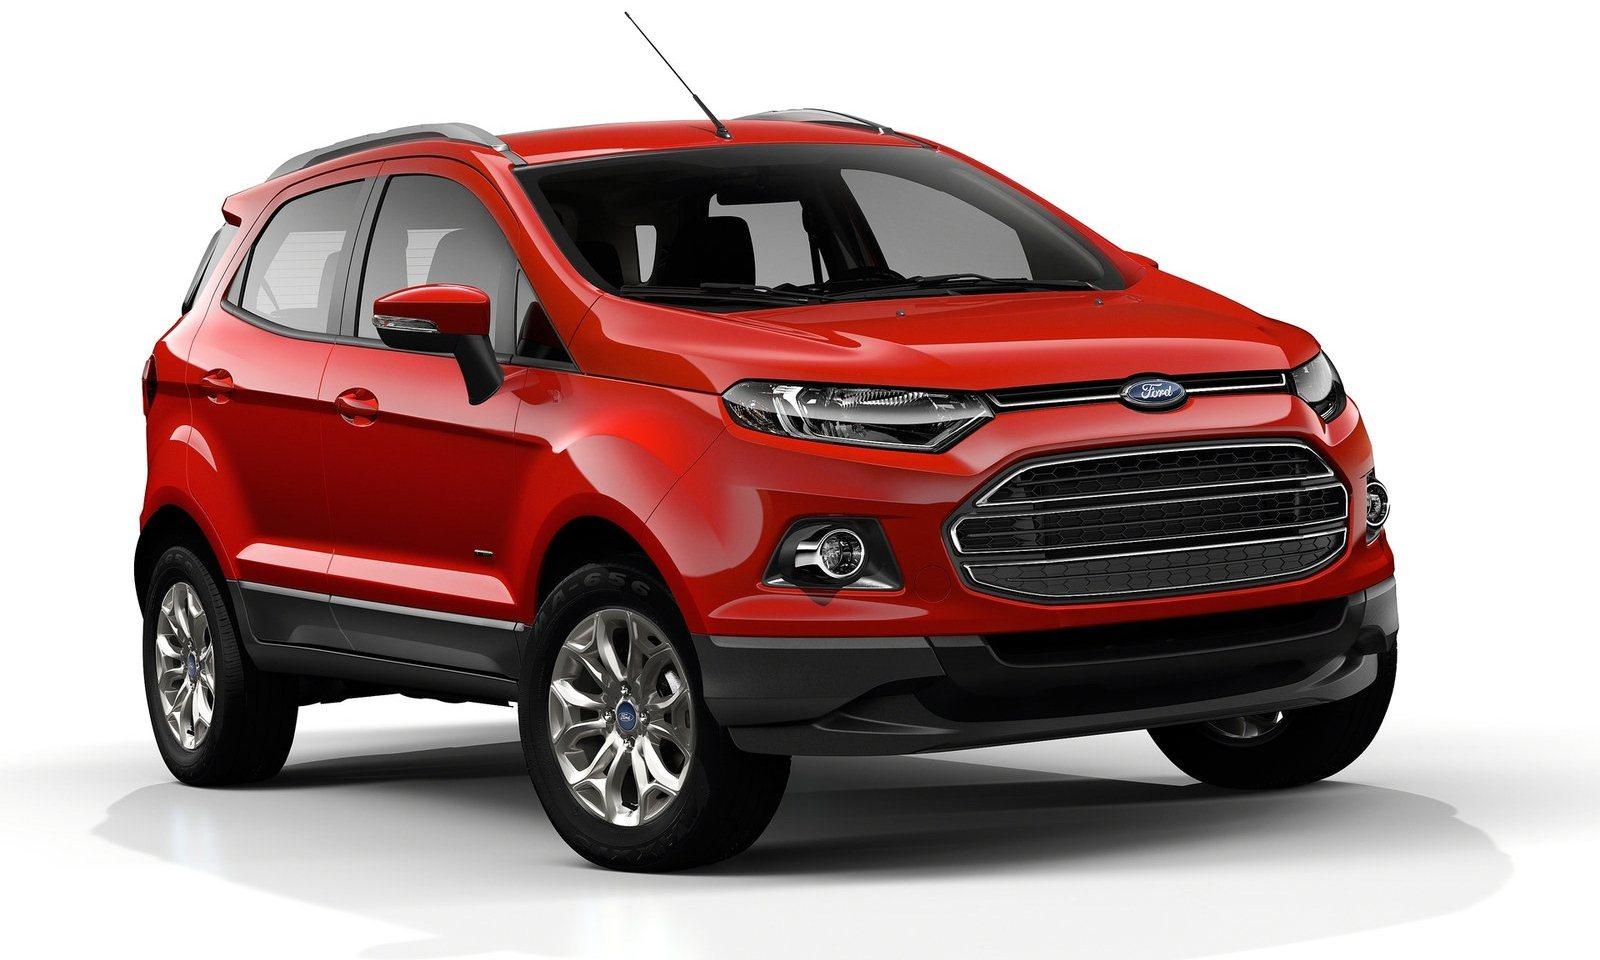 http://2.bp.blogspot.com/-eQdEtlZ_xS0/UHhrIDD9yrI/AAAAAAAABLM/uhFAGKfdY2I/s1600/Ford-EcoSport-2013-1600x960-01.jpg